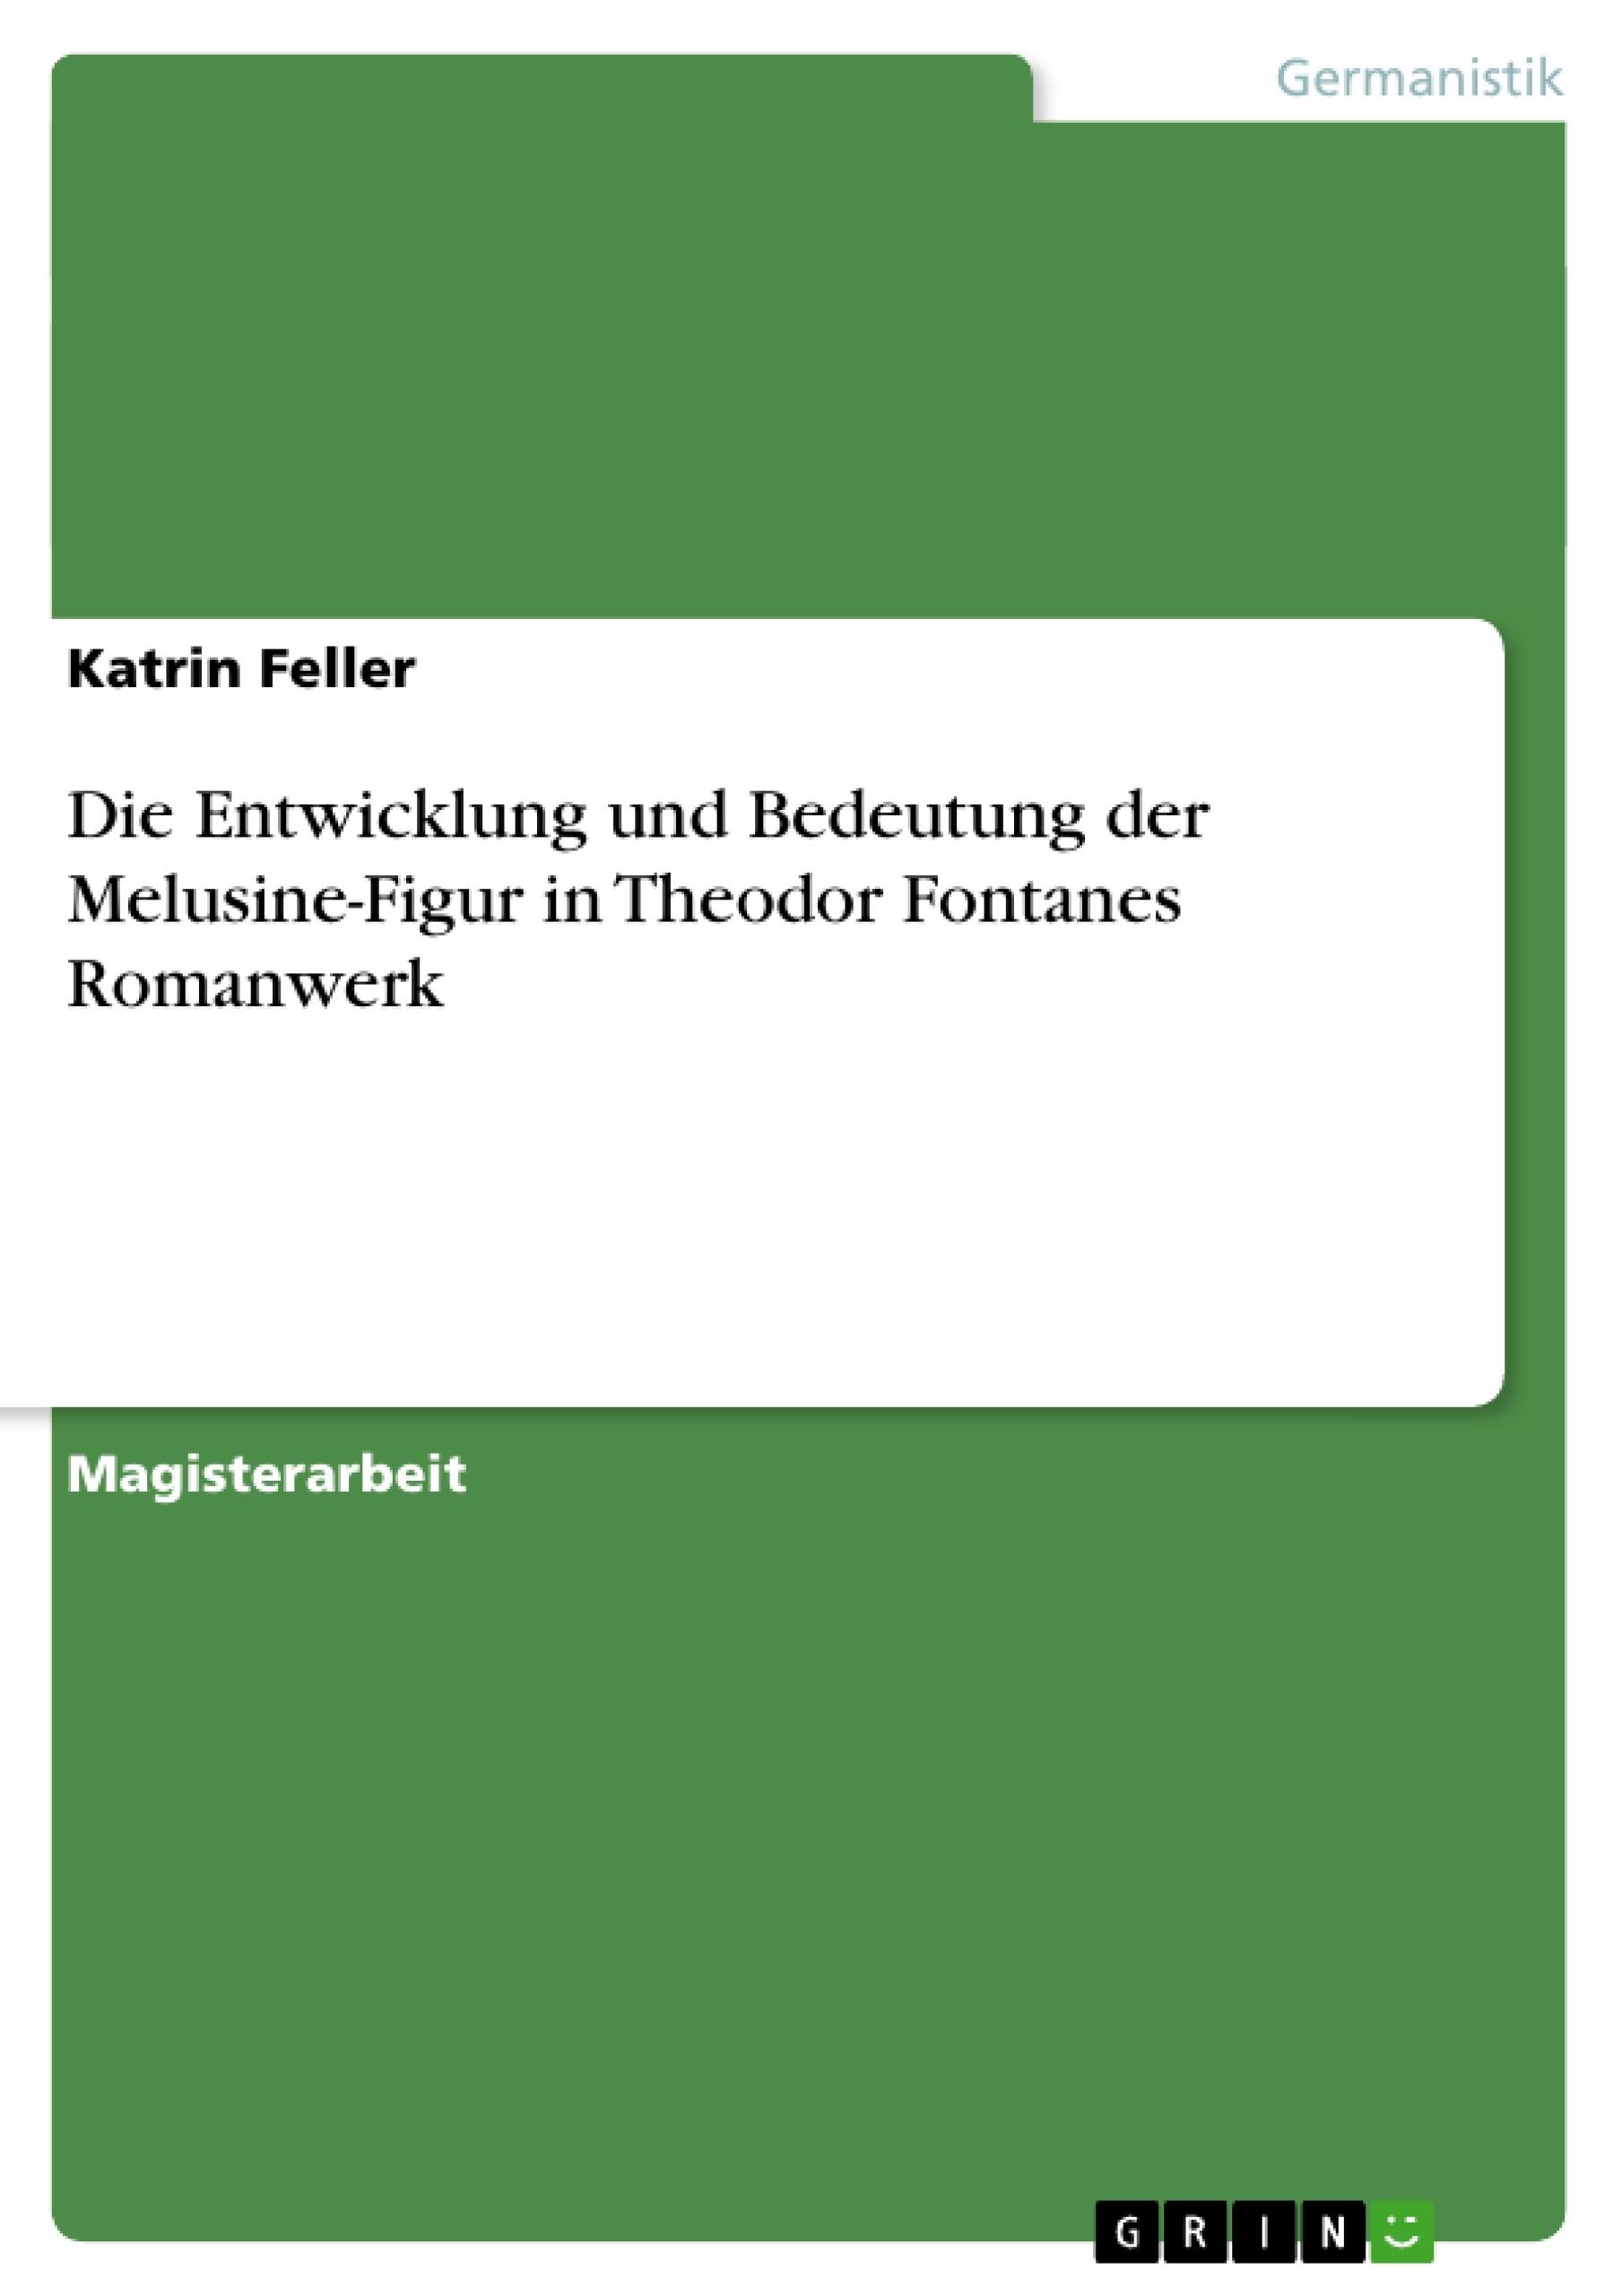 Titel: Die Entwicklung und Bedeutung der Melusine-Figur in Theodor Fontanes Romanwerk